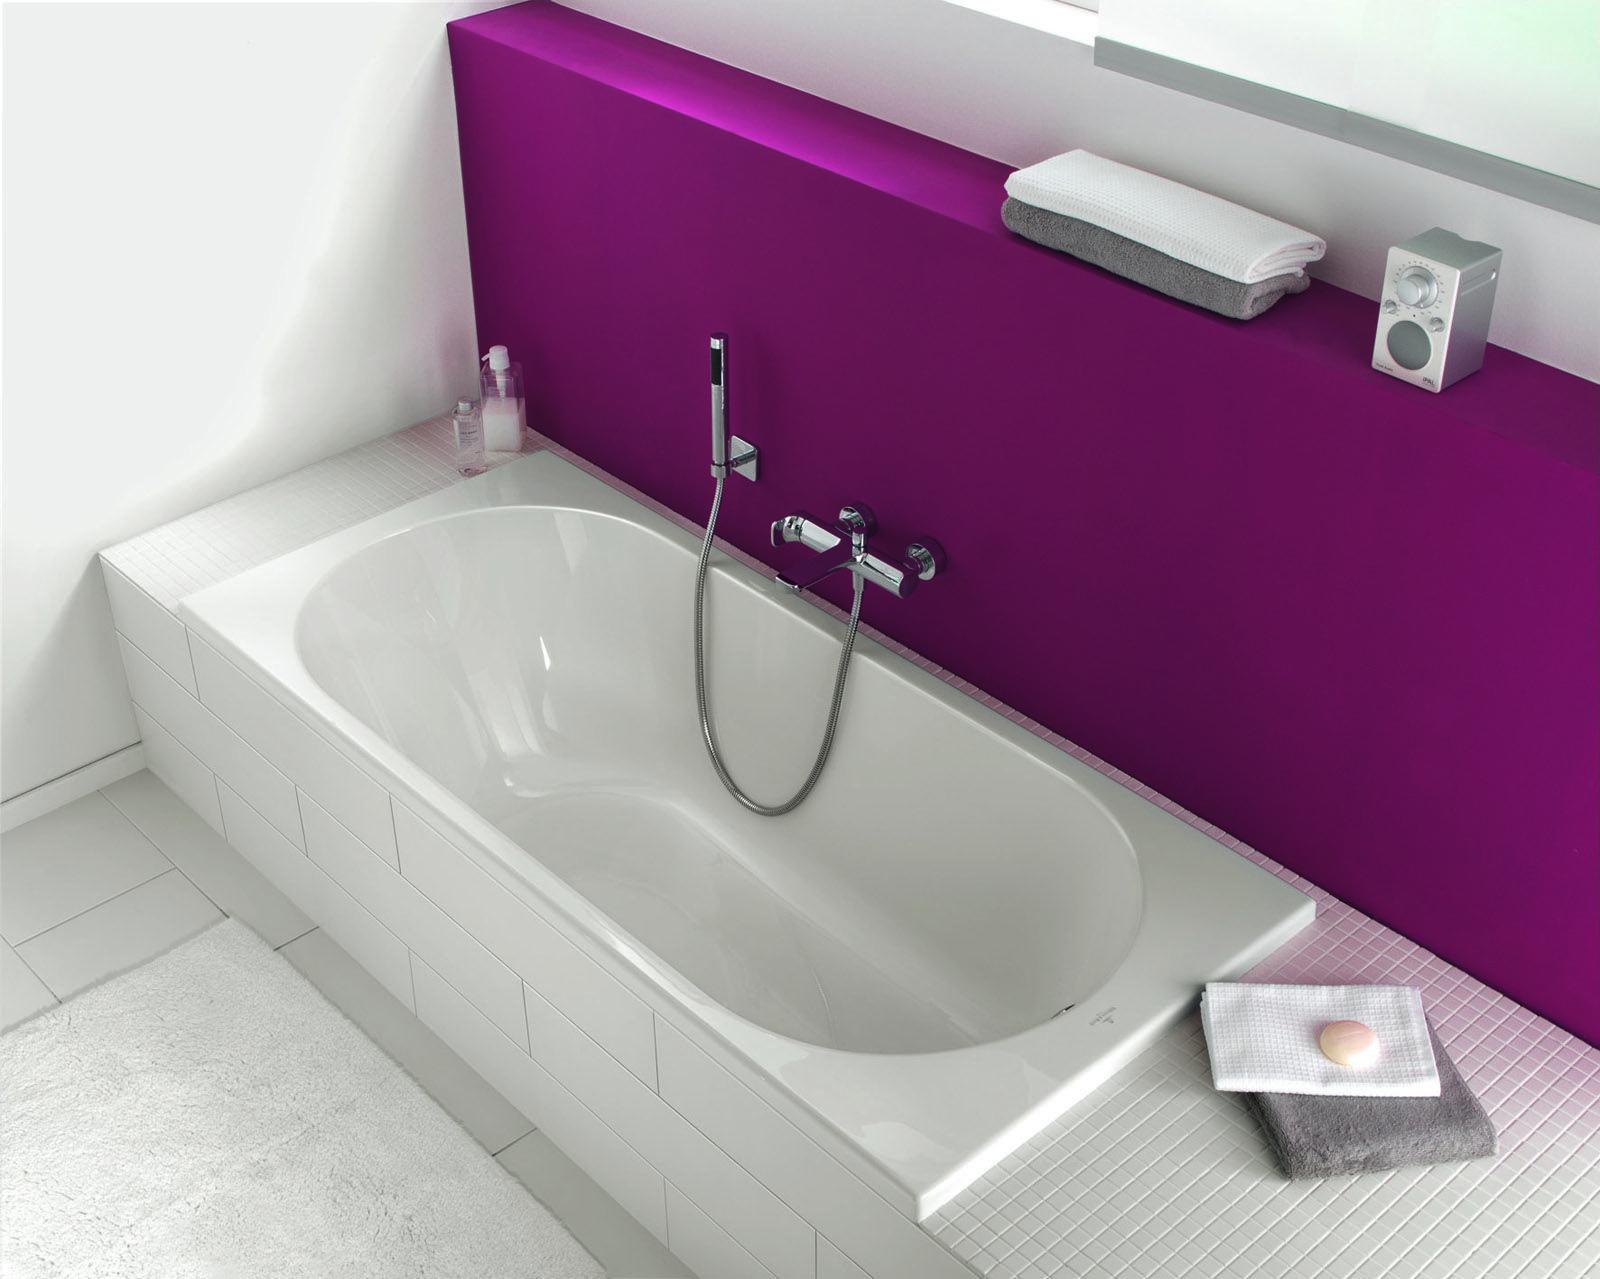 Dimensioni Vasche Da Bagno Design : Vasche da bagno misure cerca con google mar pinterest searching